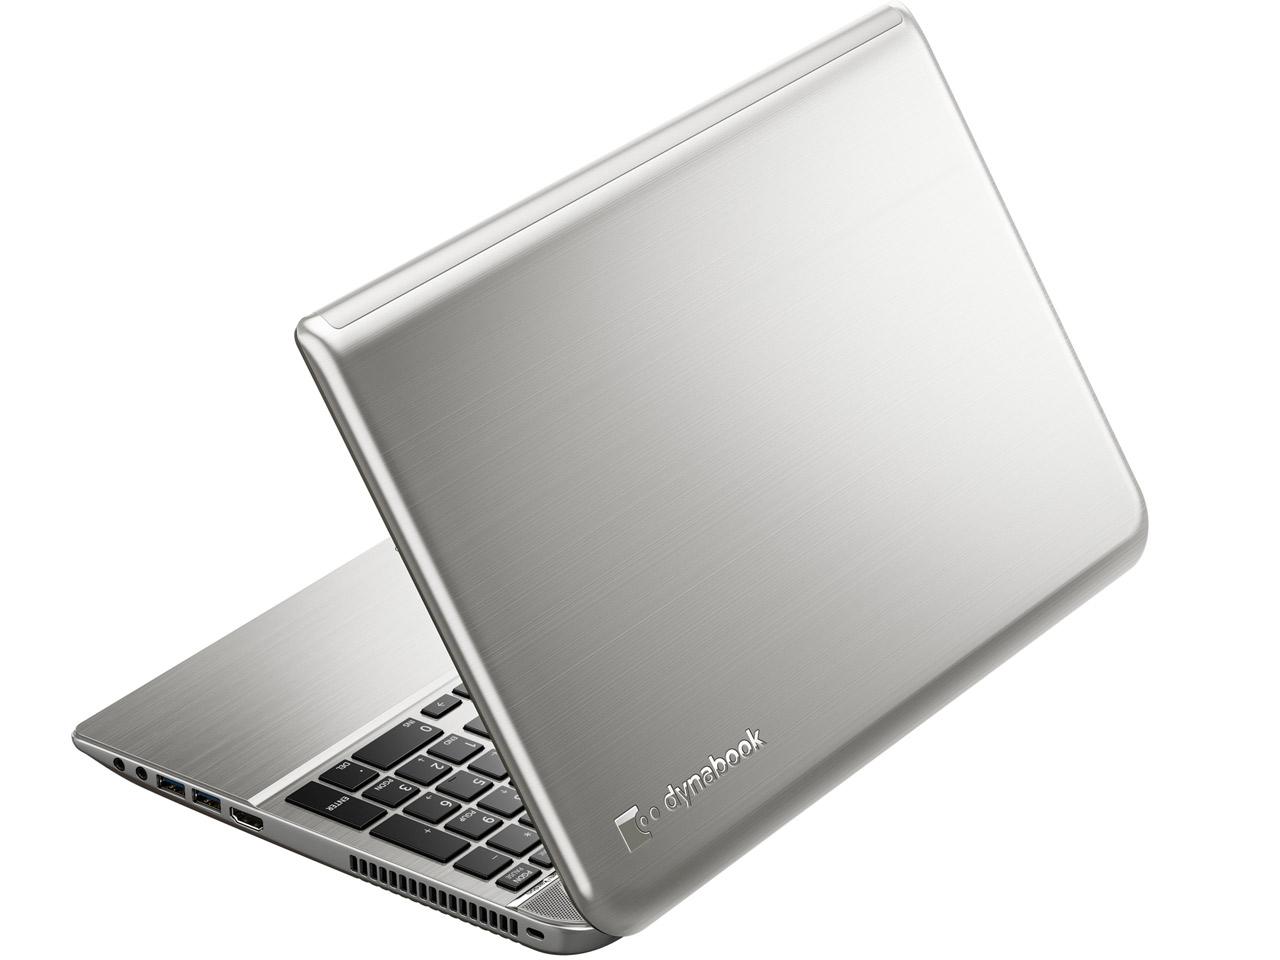 『本体 背面 斜め』 dynabook T95 T95/NG PT95NGP-LHA の製品画像